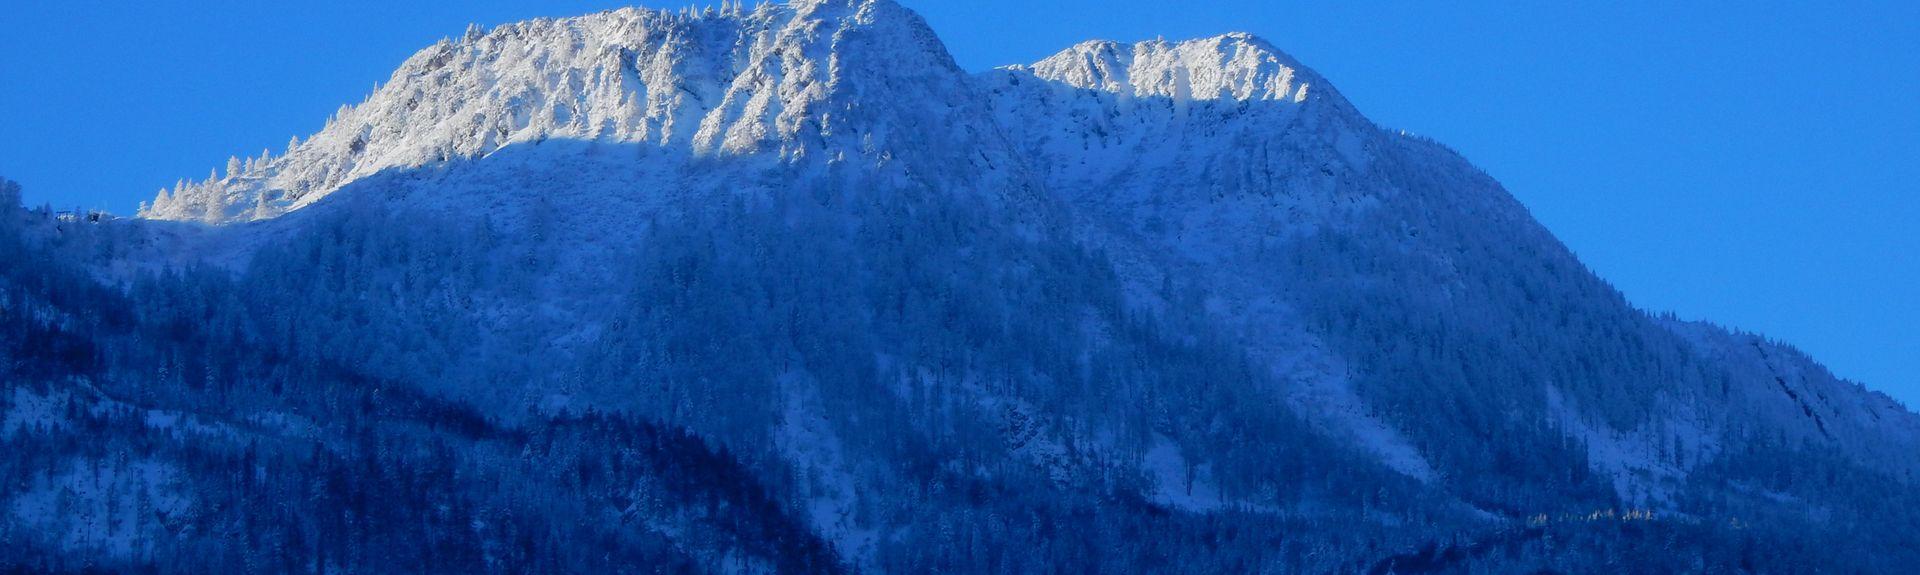 Altmuenster, Upper Austria, Austria